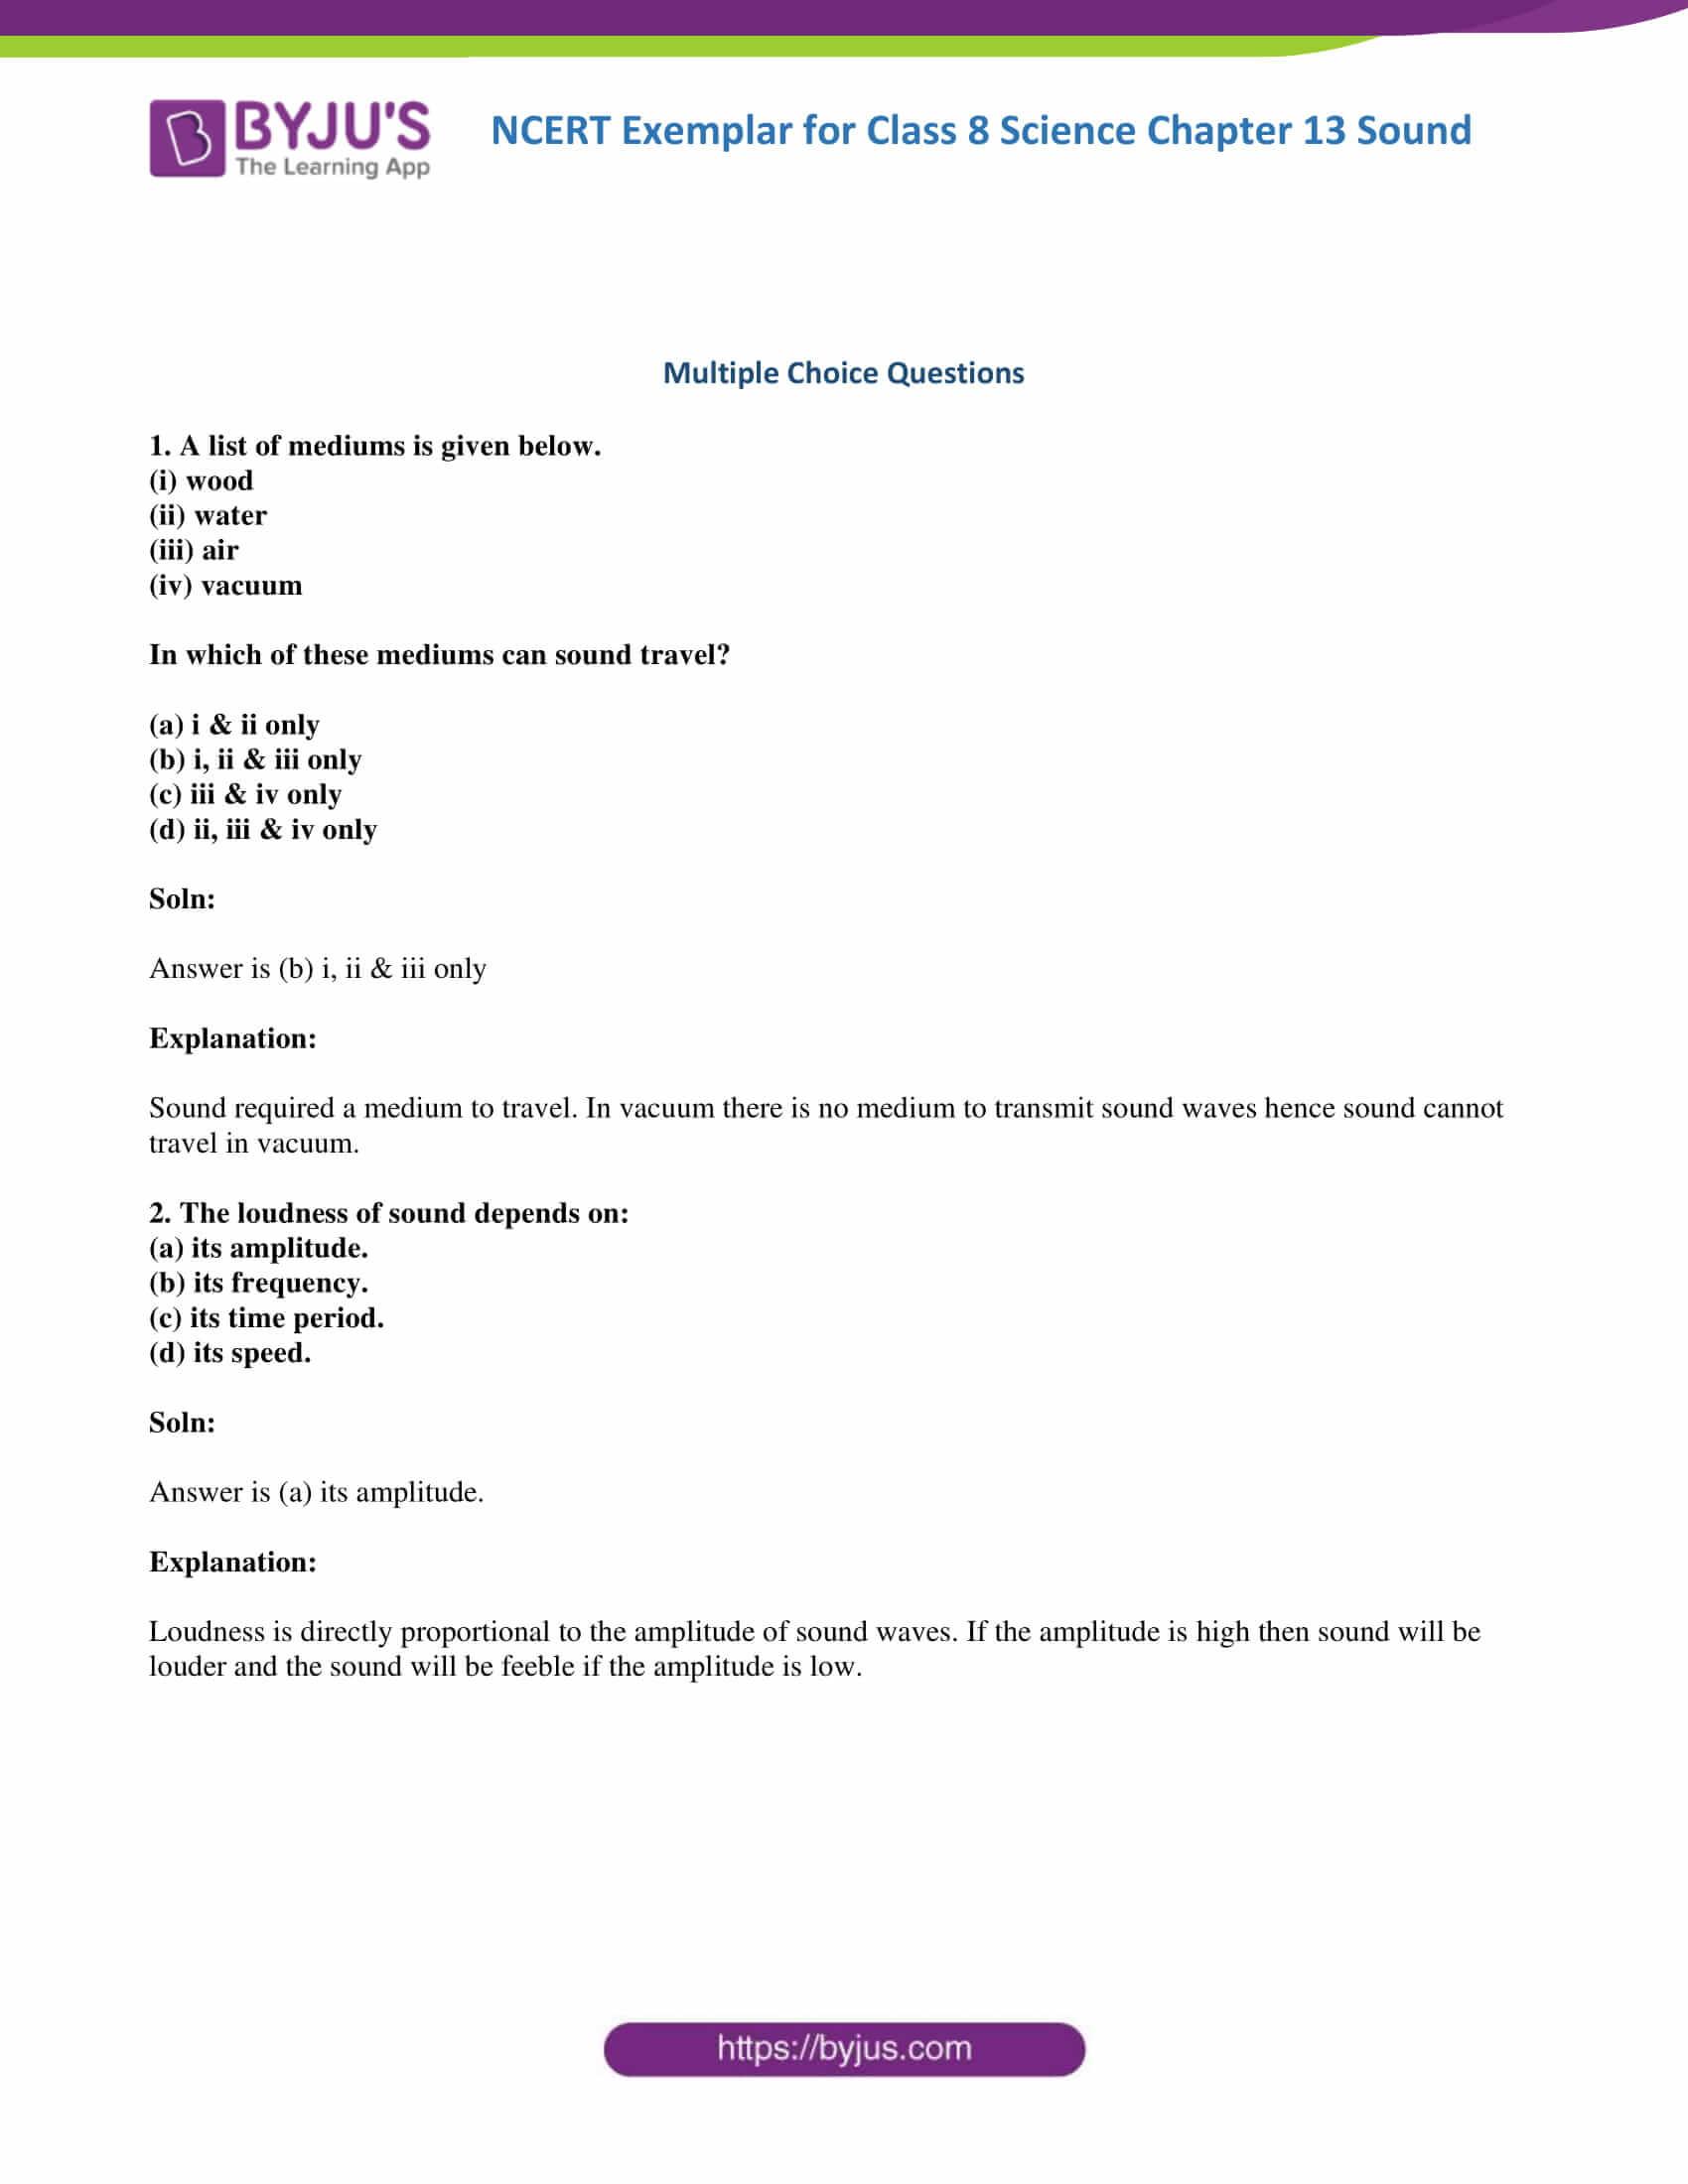 NCERT Exemplar solution class 8 science chapter 13 part 1